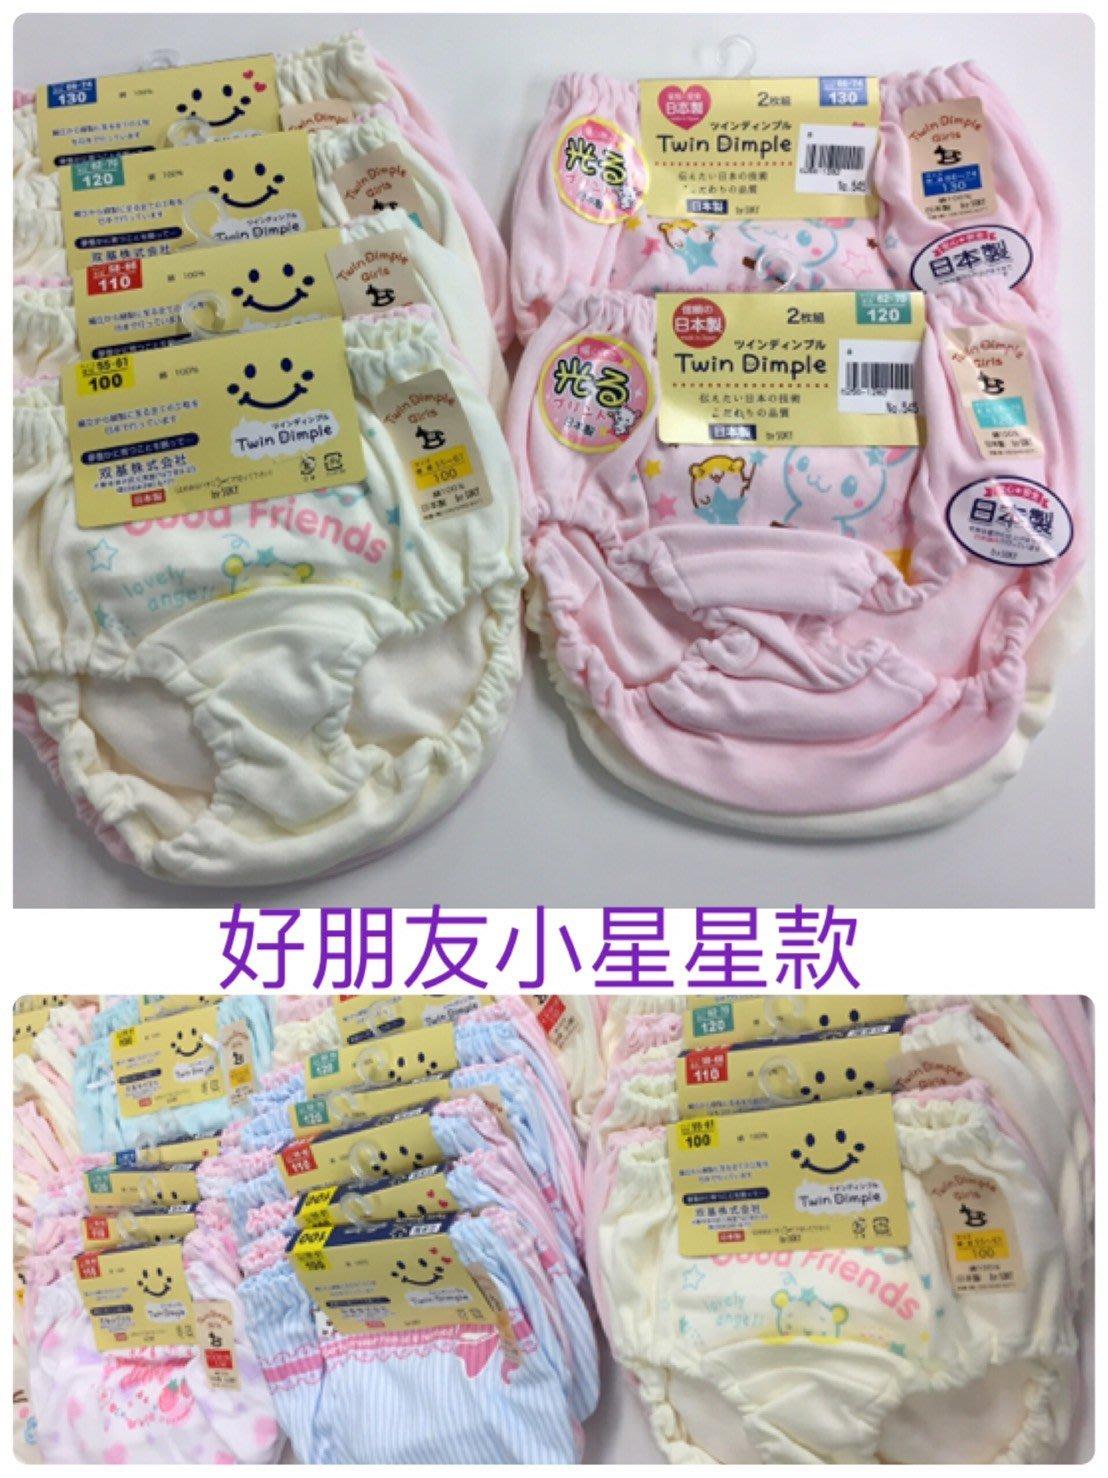 現貨 日本製 Twin Dimple girls 女童內褲 小褲 100%純棉 小星星款 100-130cm 2枚/組